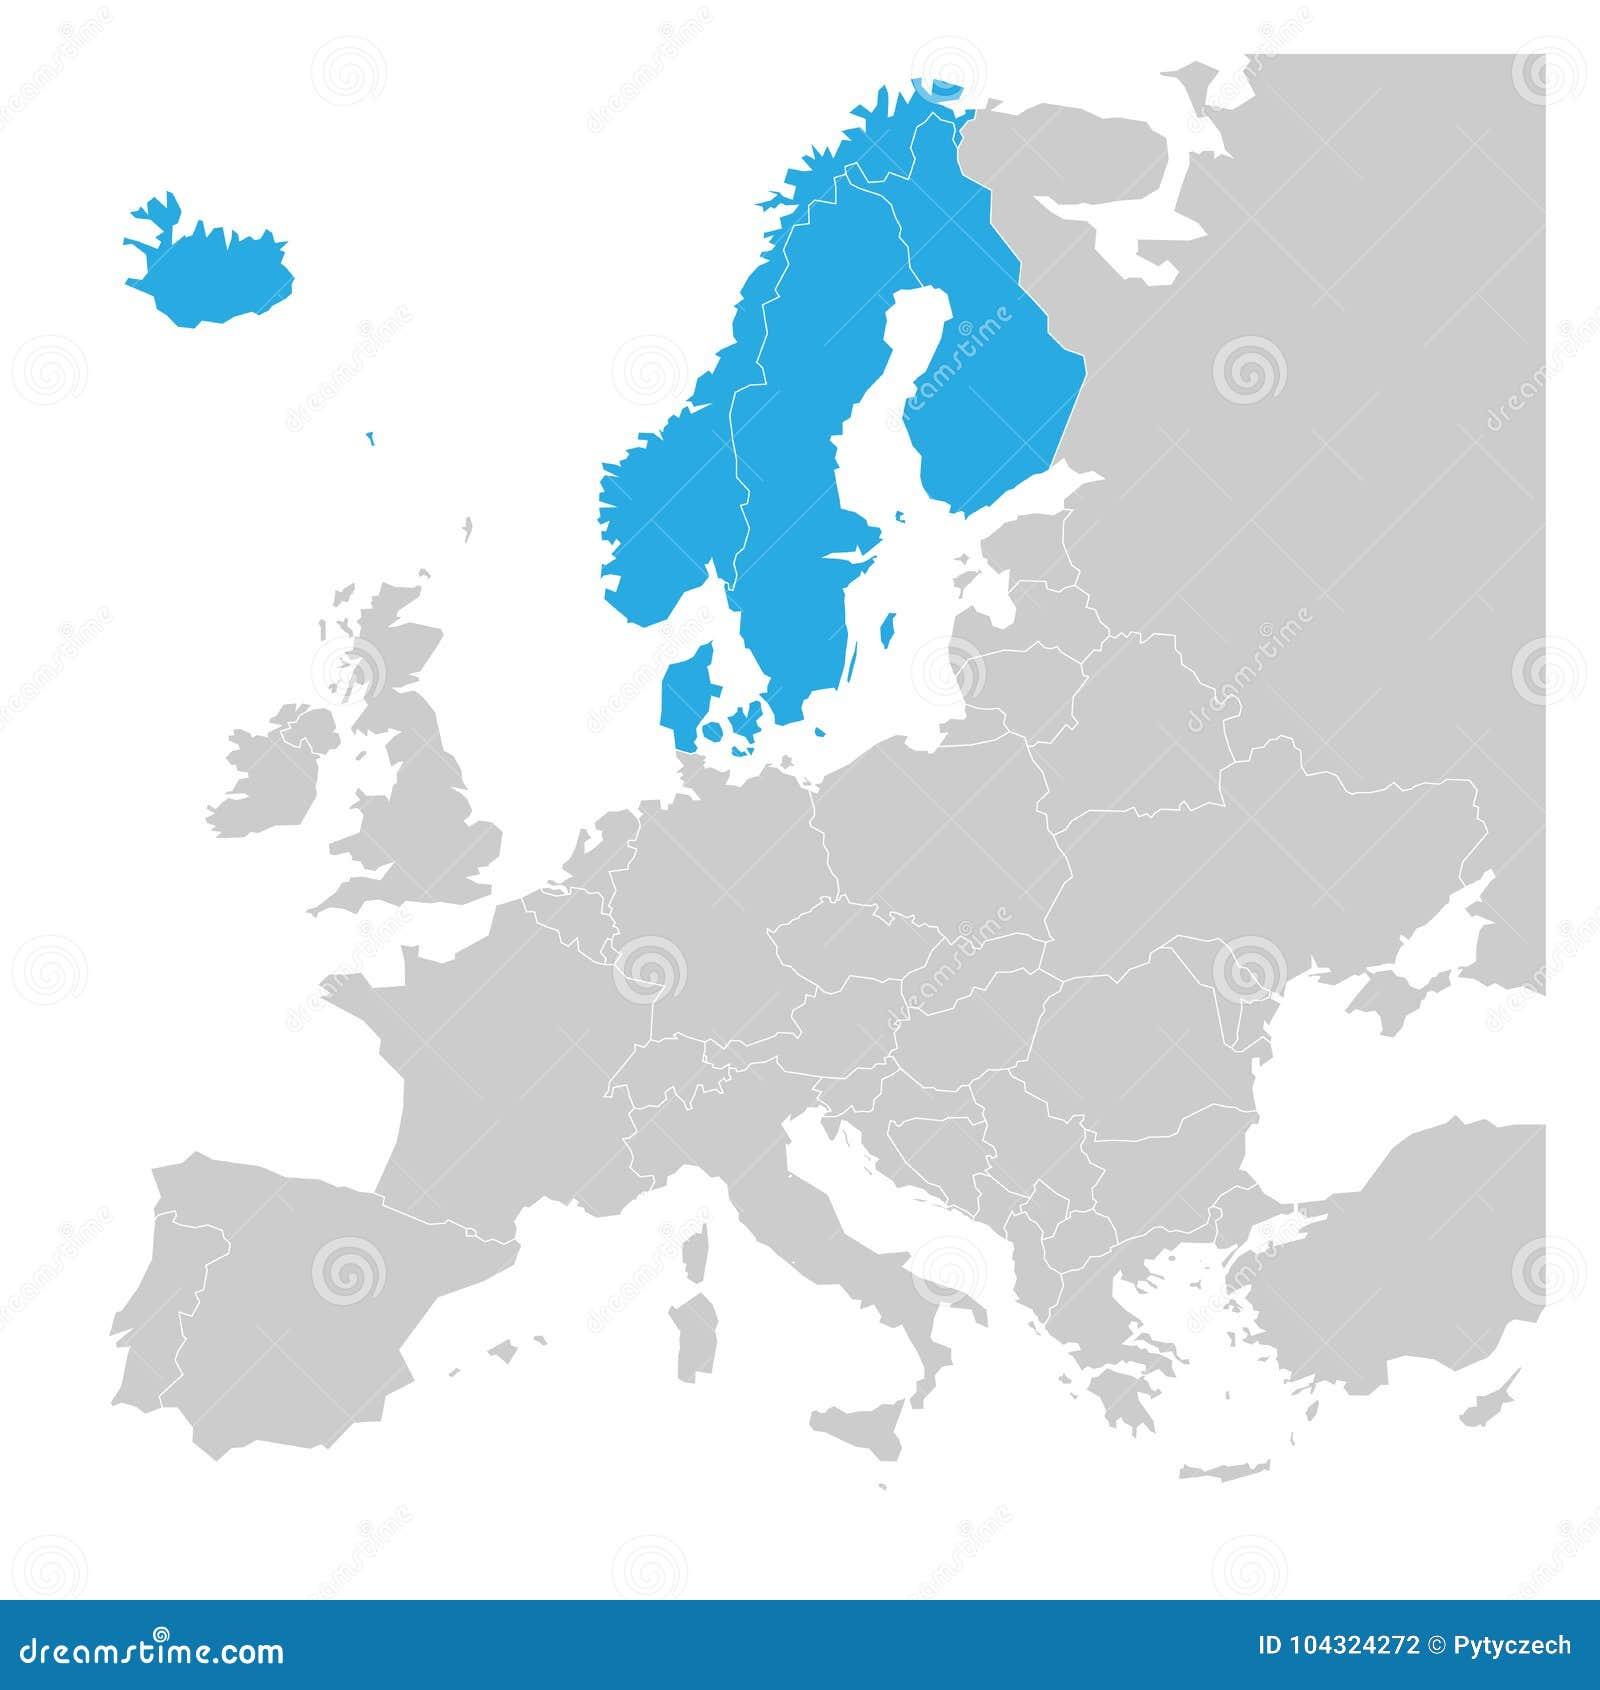 Skandynaw twierdzi Dani, Norwegia, Finlandia, Szwecja i Iceland błękit podkreślającego w politycznej mapie Europa, wektor